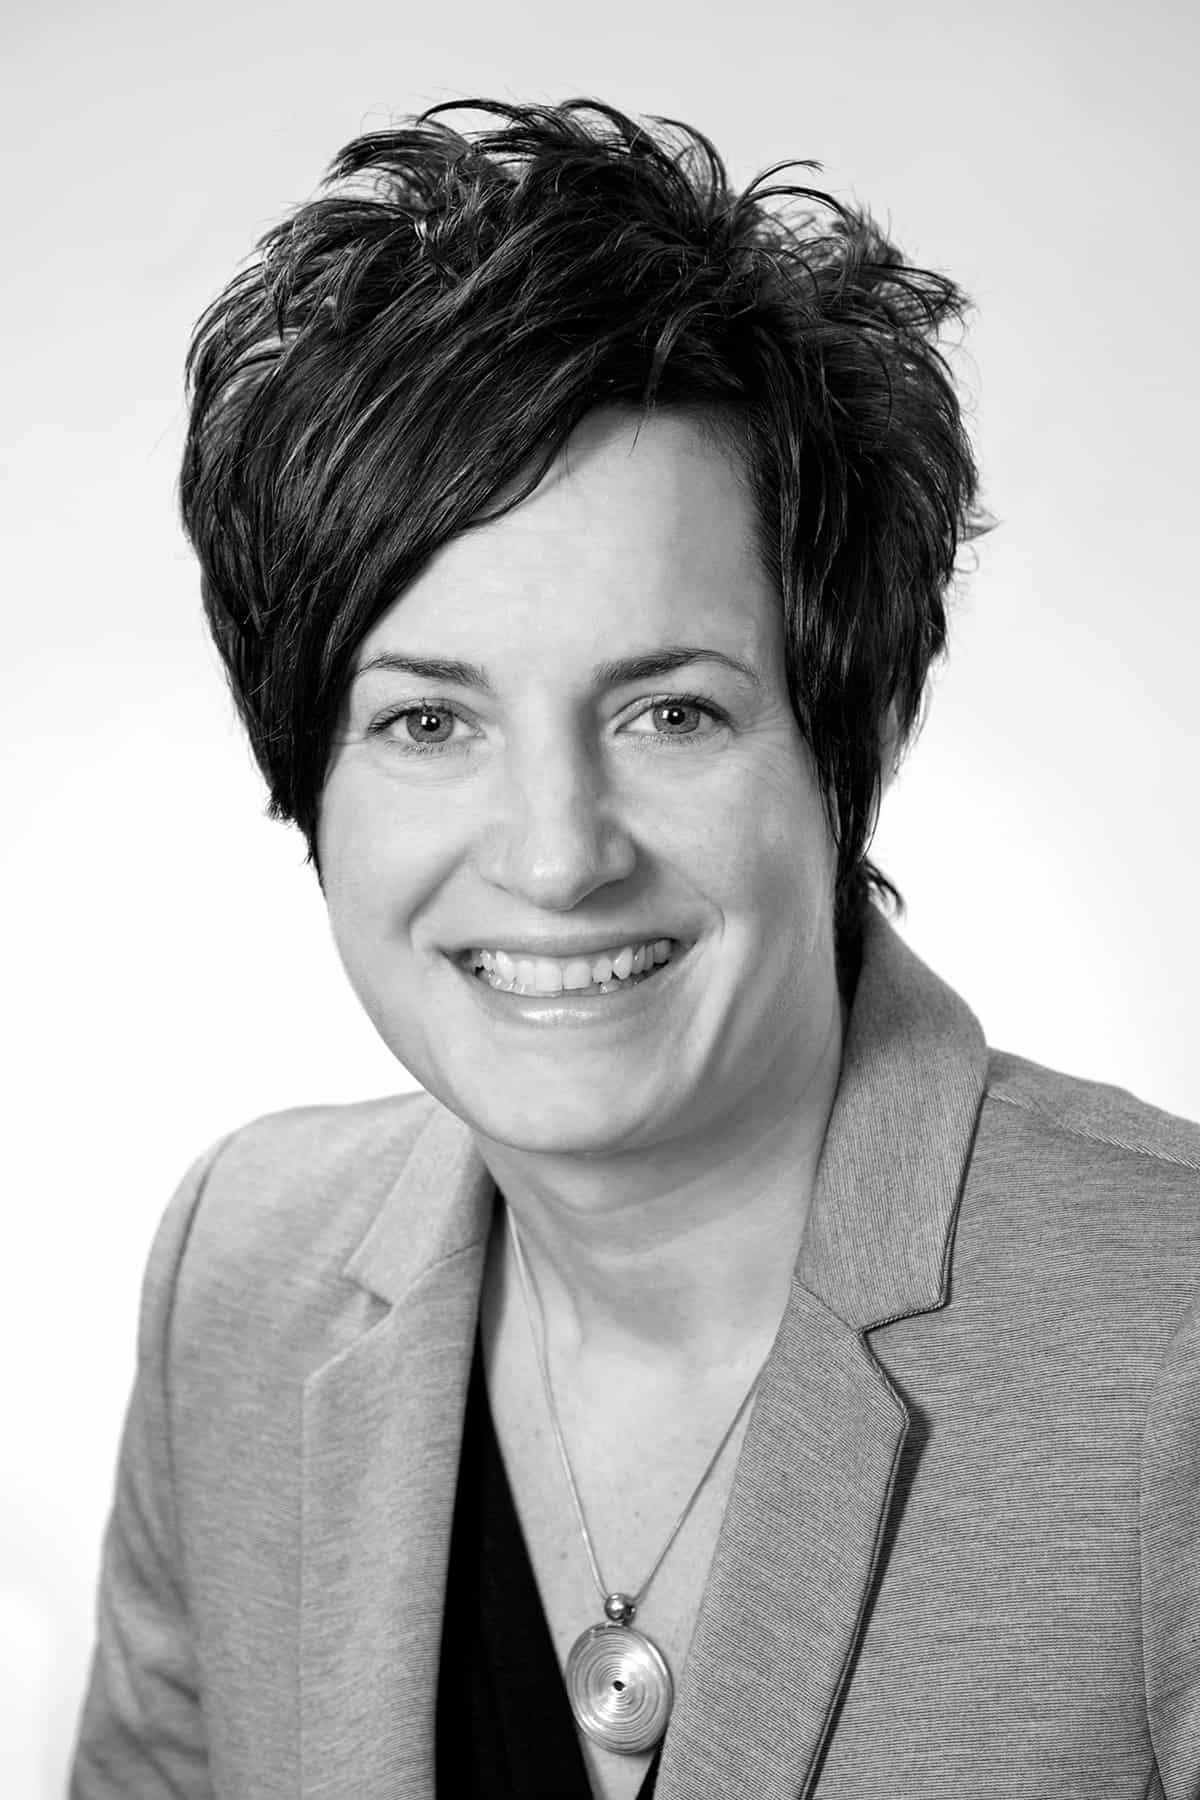 Tara O'Riordan